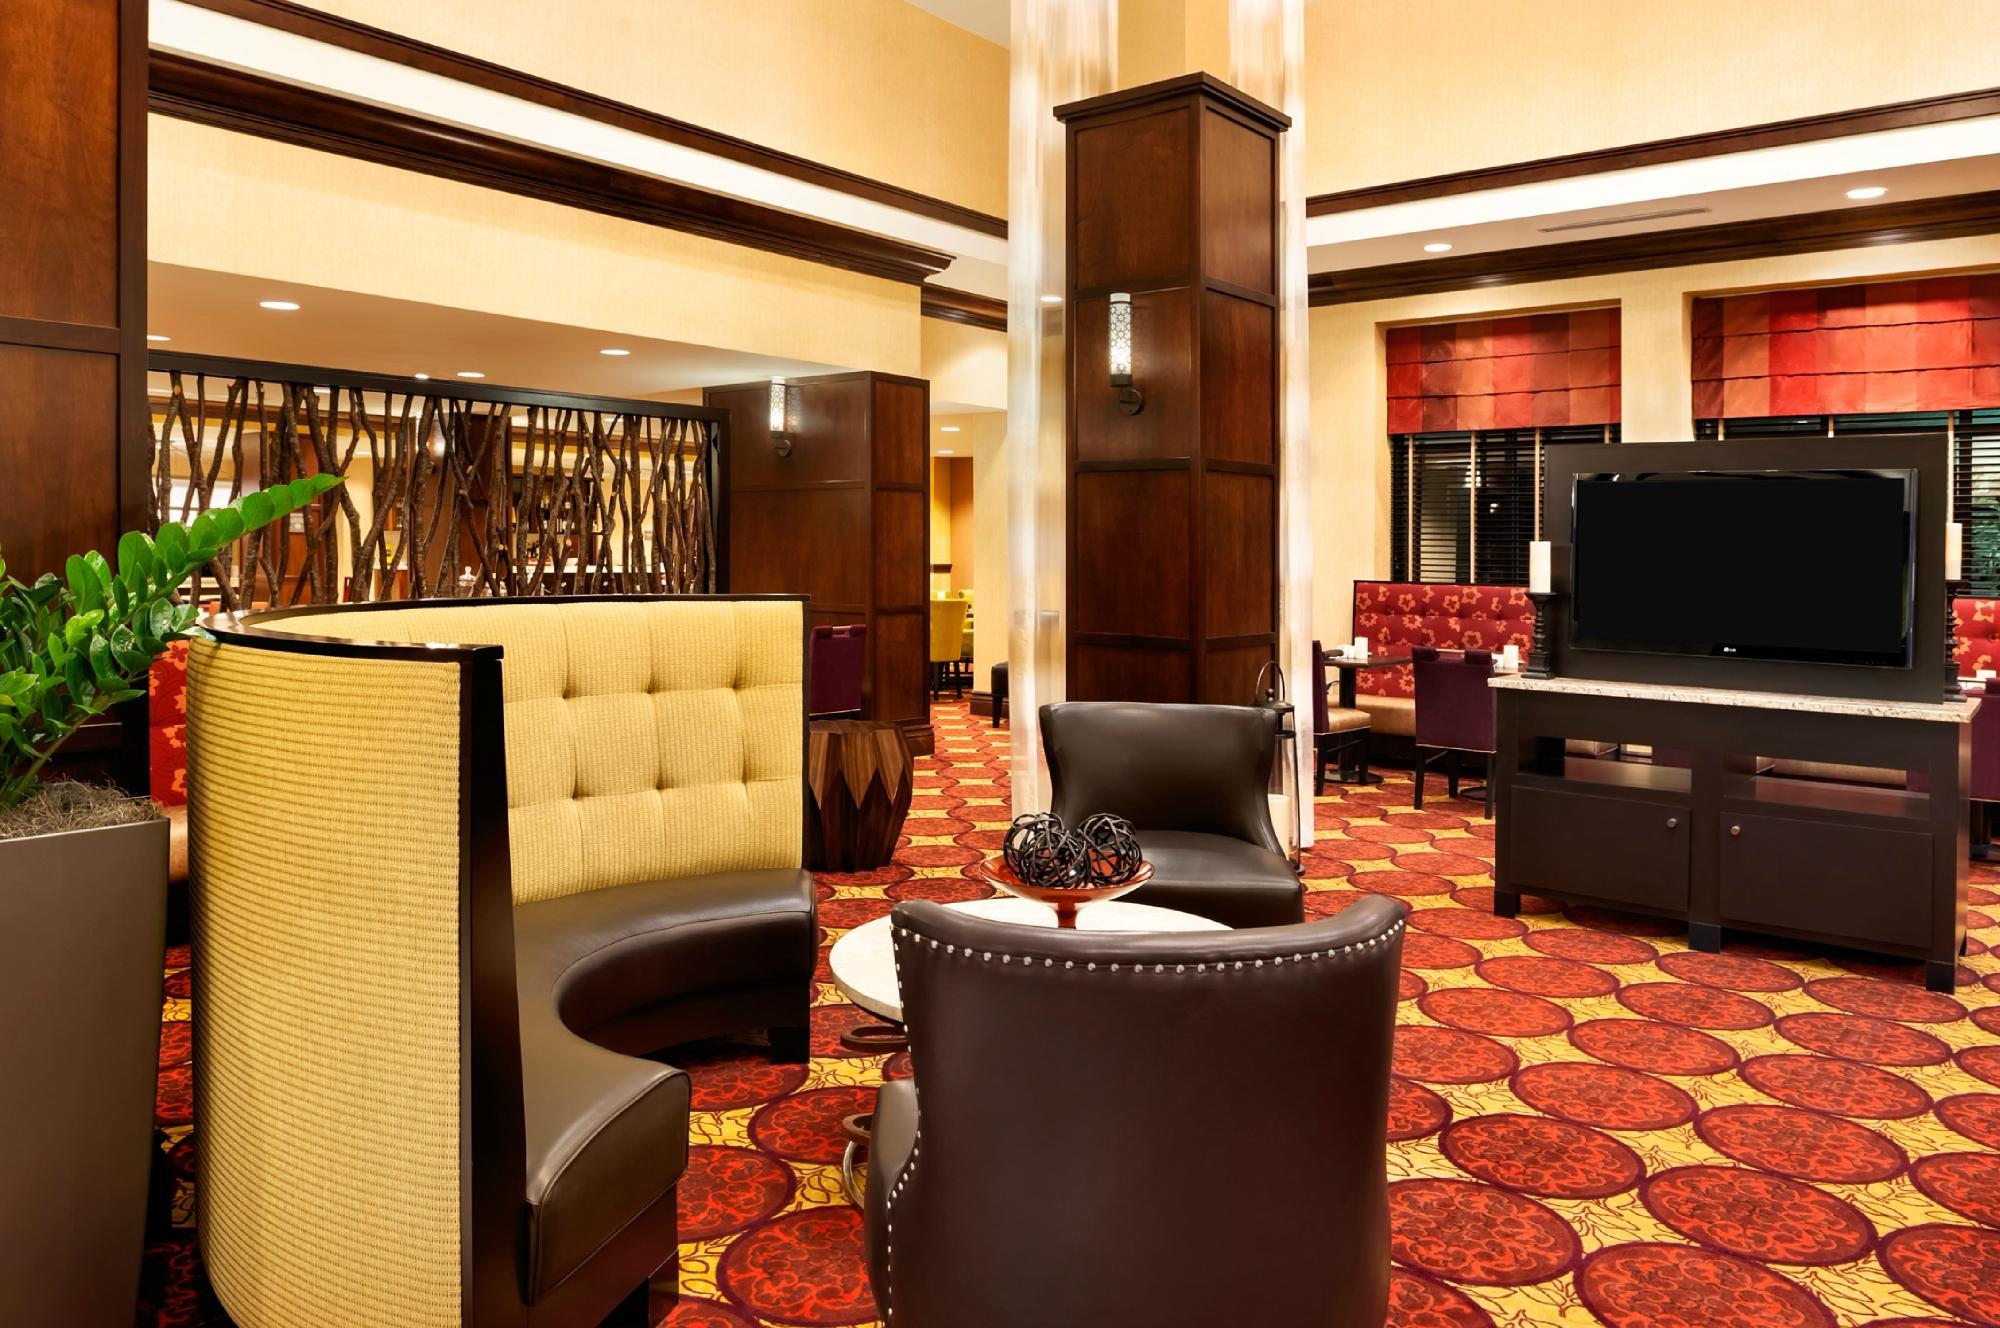 Hilton Garden Inn Shreveport Bossier City La 2018 Hotel